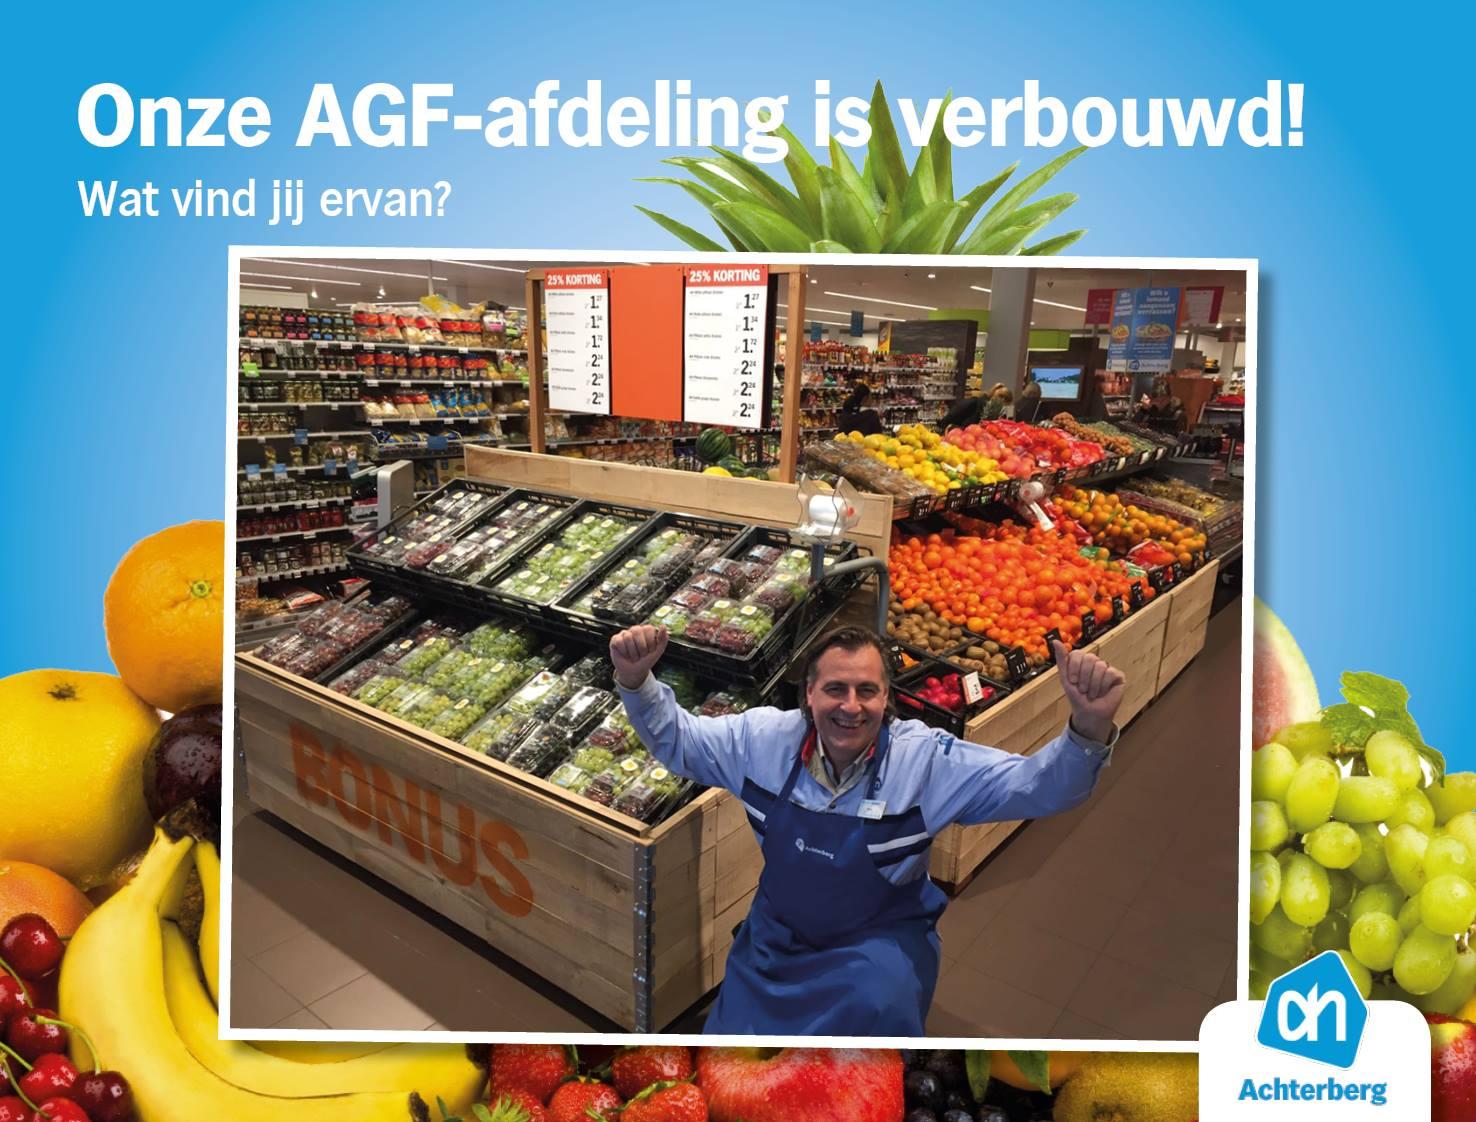 We hebben de AGF-afdeling verbouwd!